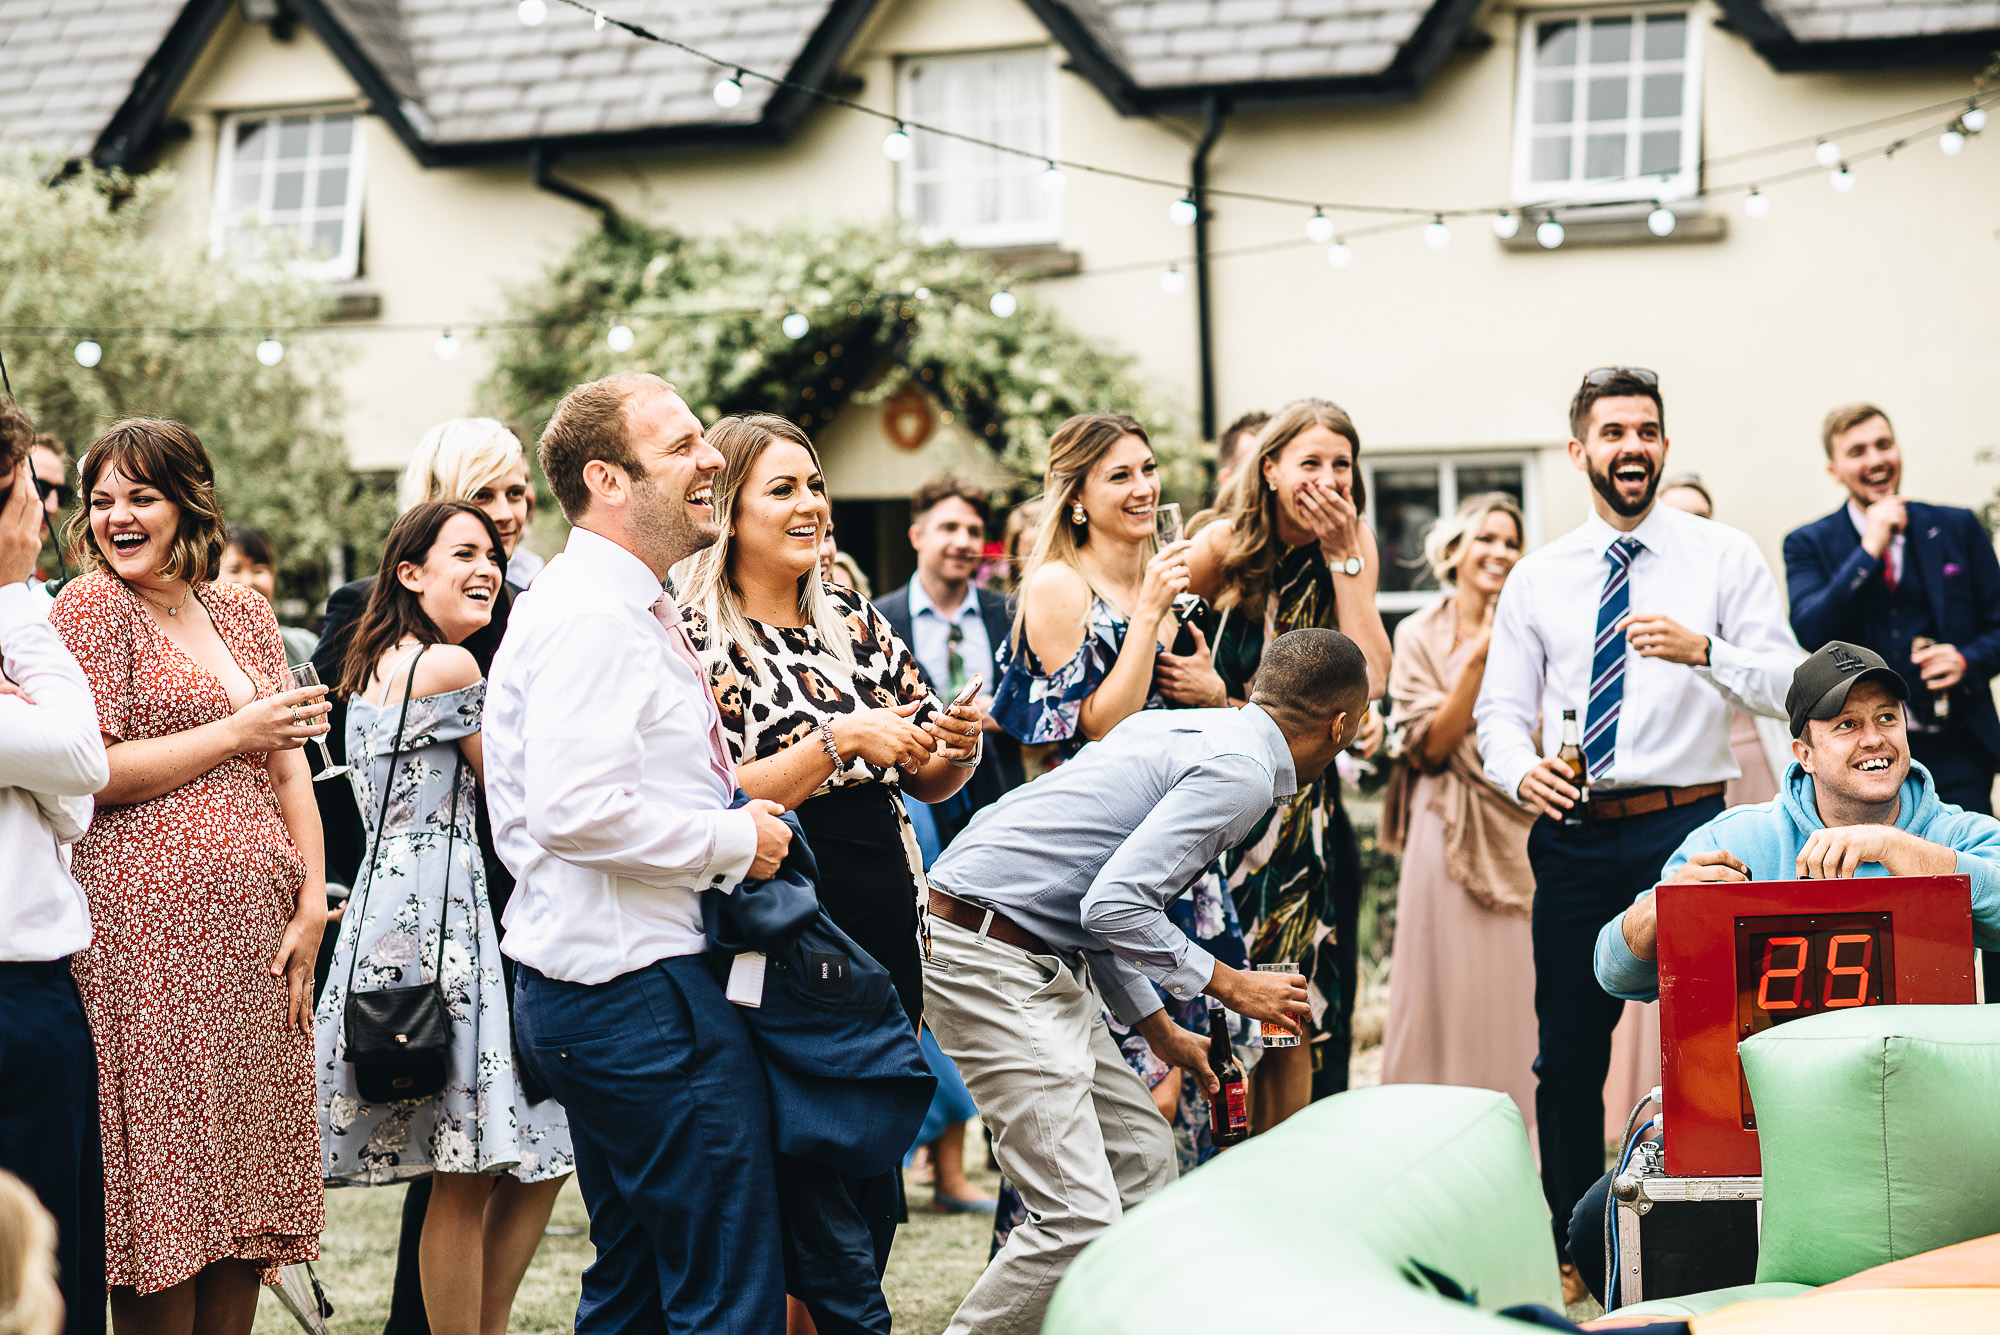 OurBeautifulAdventure-CardiffCastleWedding-Maddie&Joe-WeddingBlog-0239.jpg